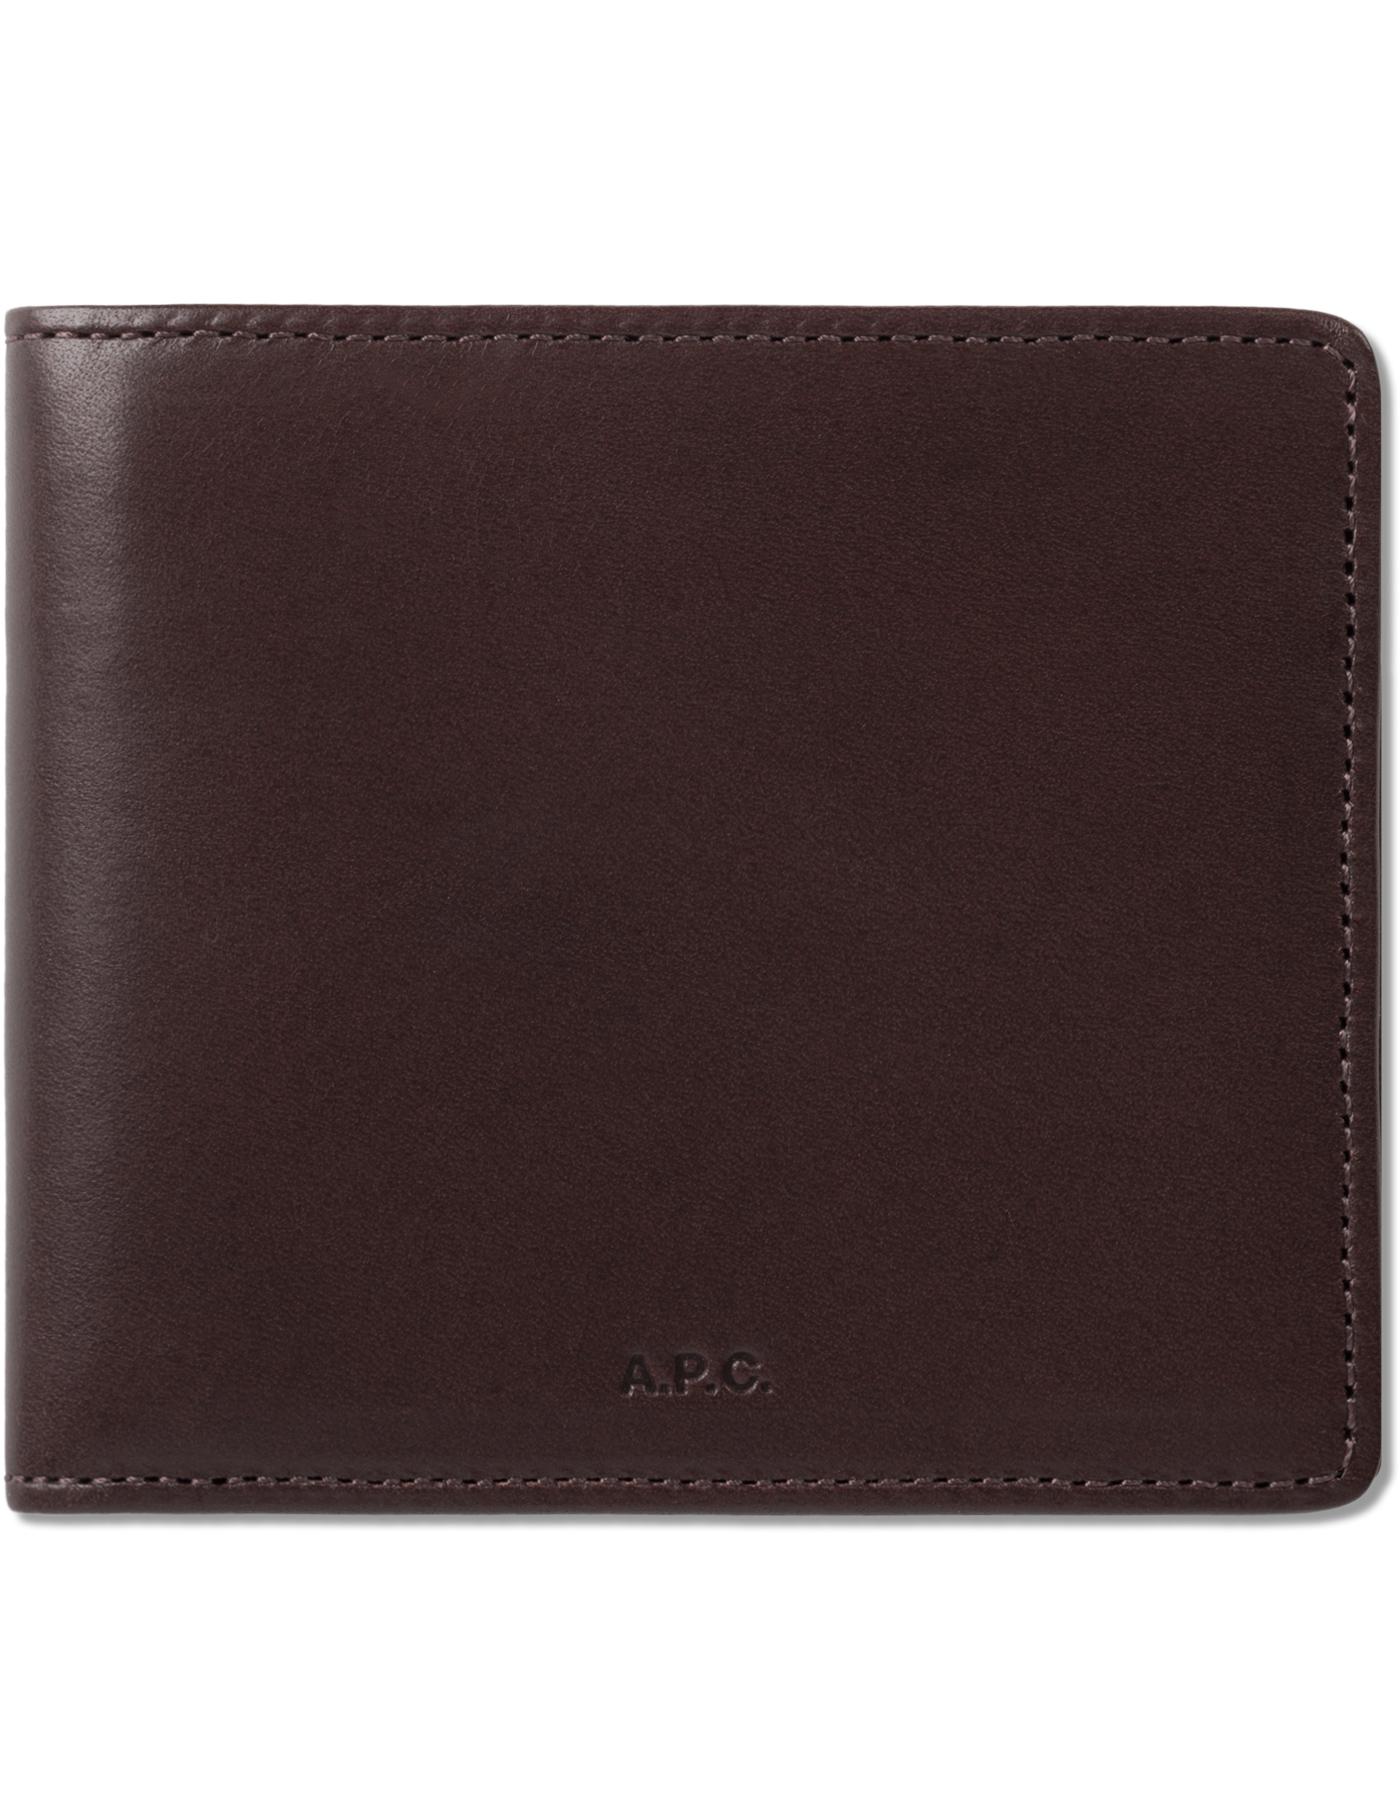 A p c bordeaux porte monnaie london wallet hbx for Porte monnaie wallet